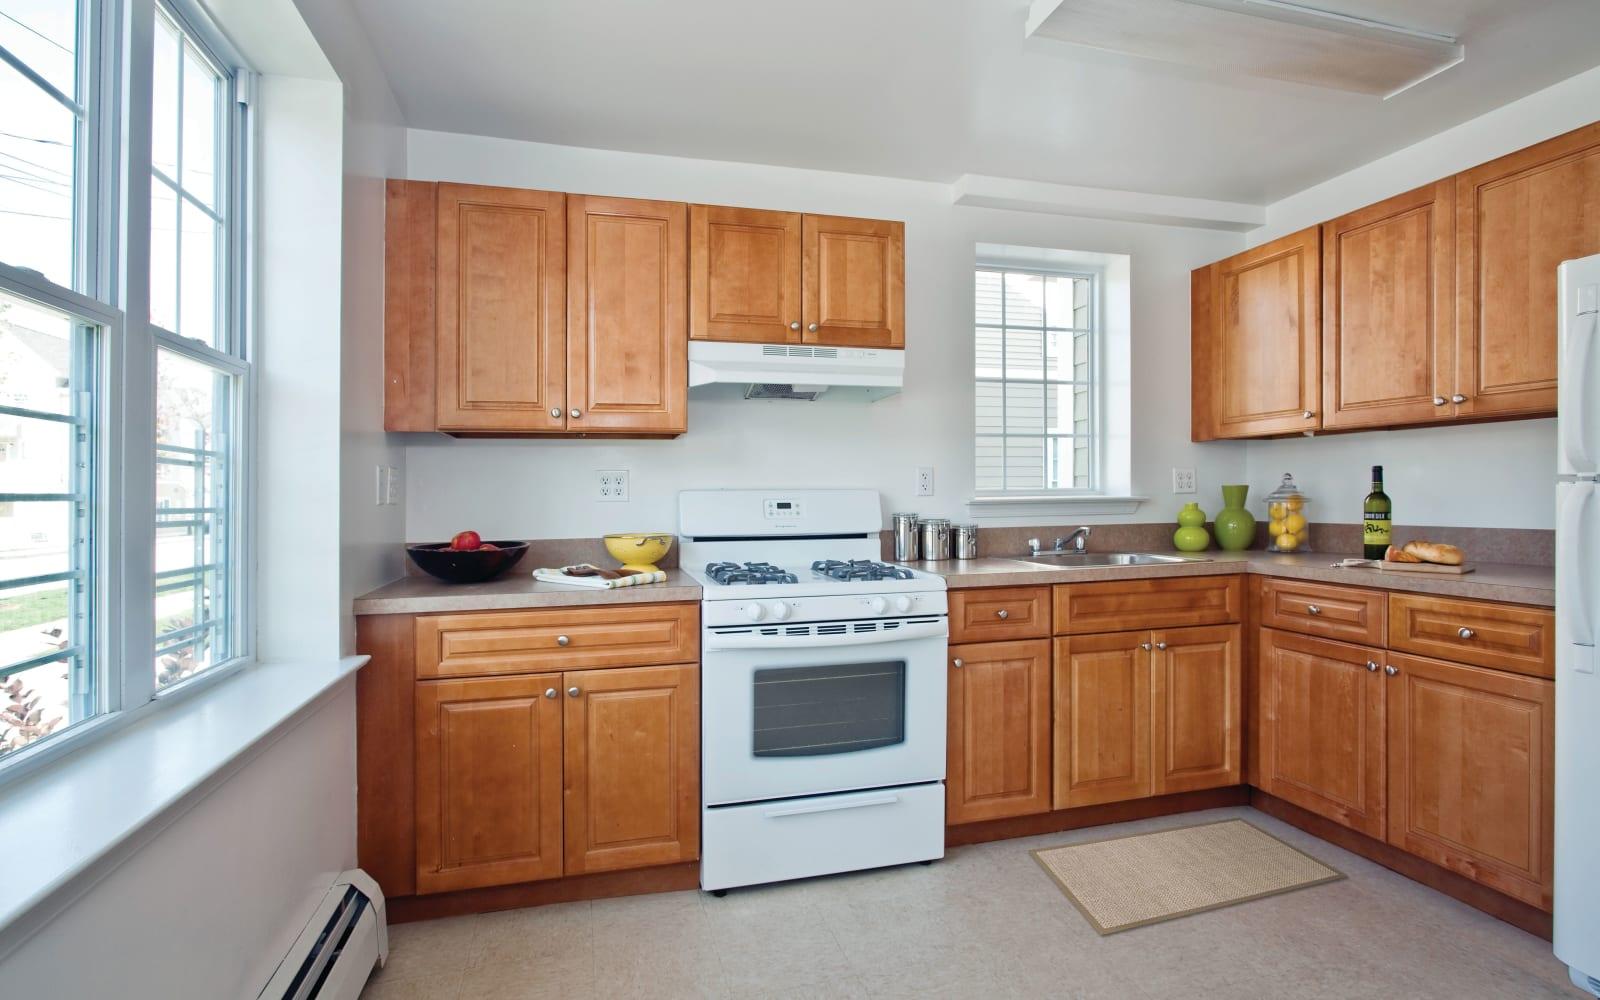 Spacious kitchen at Markham Gardens in Staten Island, New York